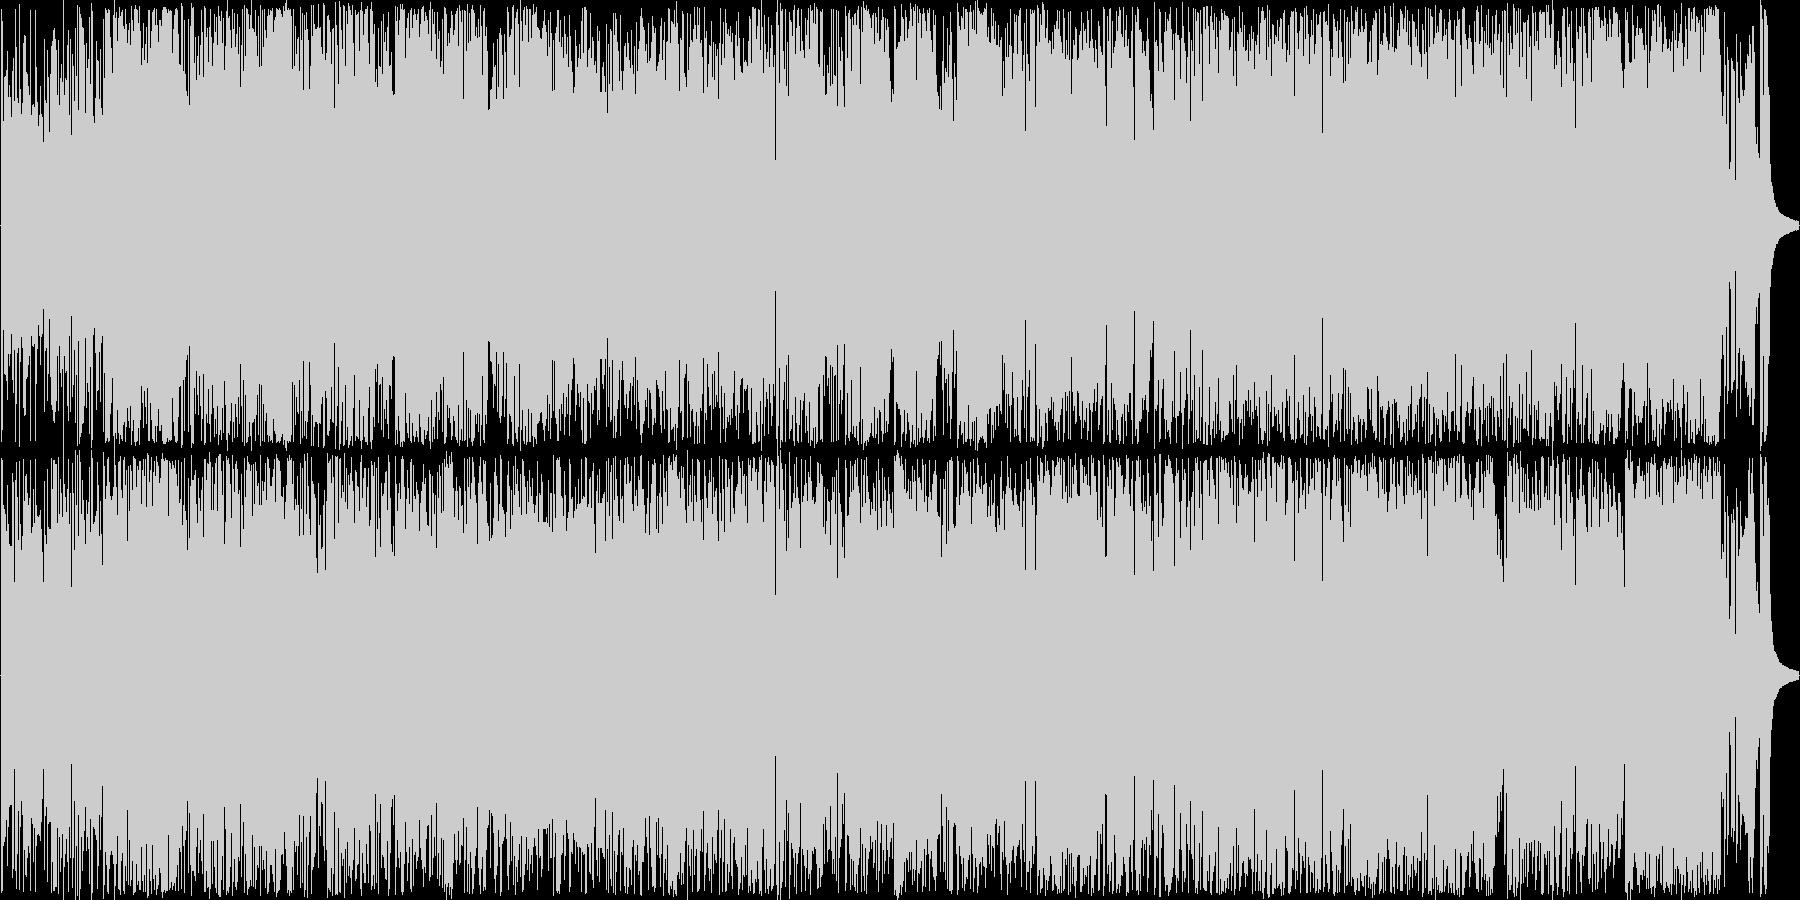 アップテンポでハードボイルドなジャズの未再生の波形